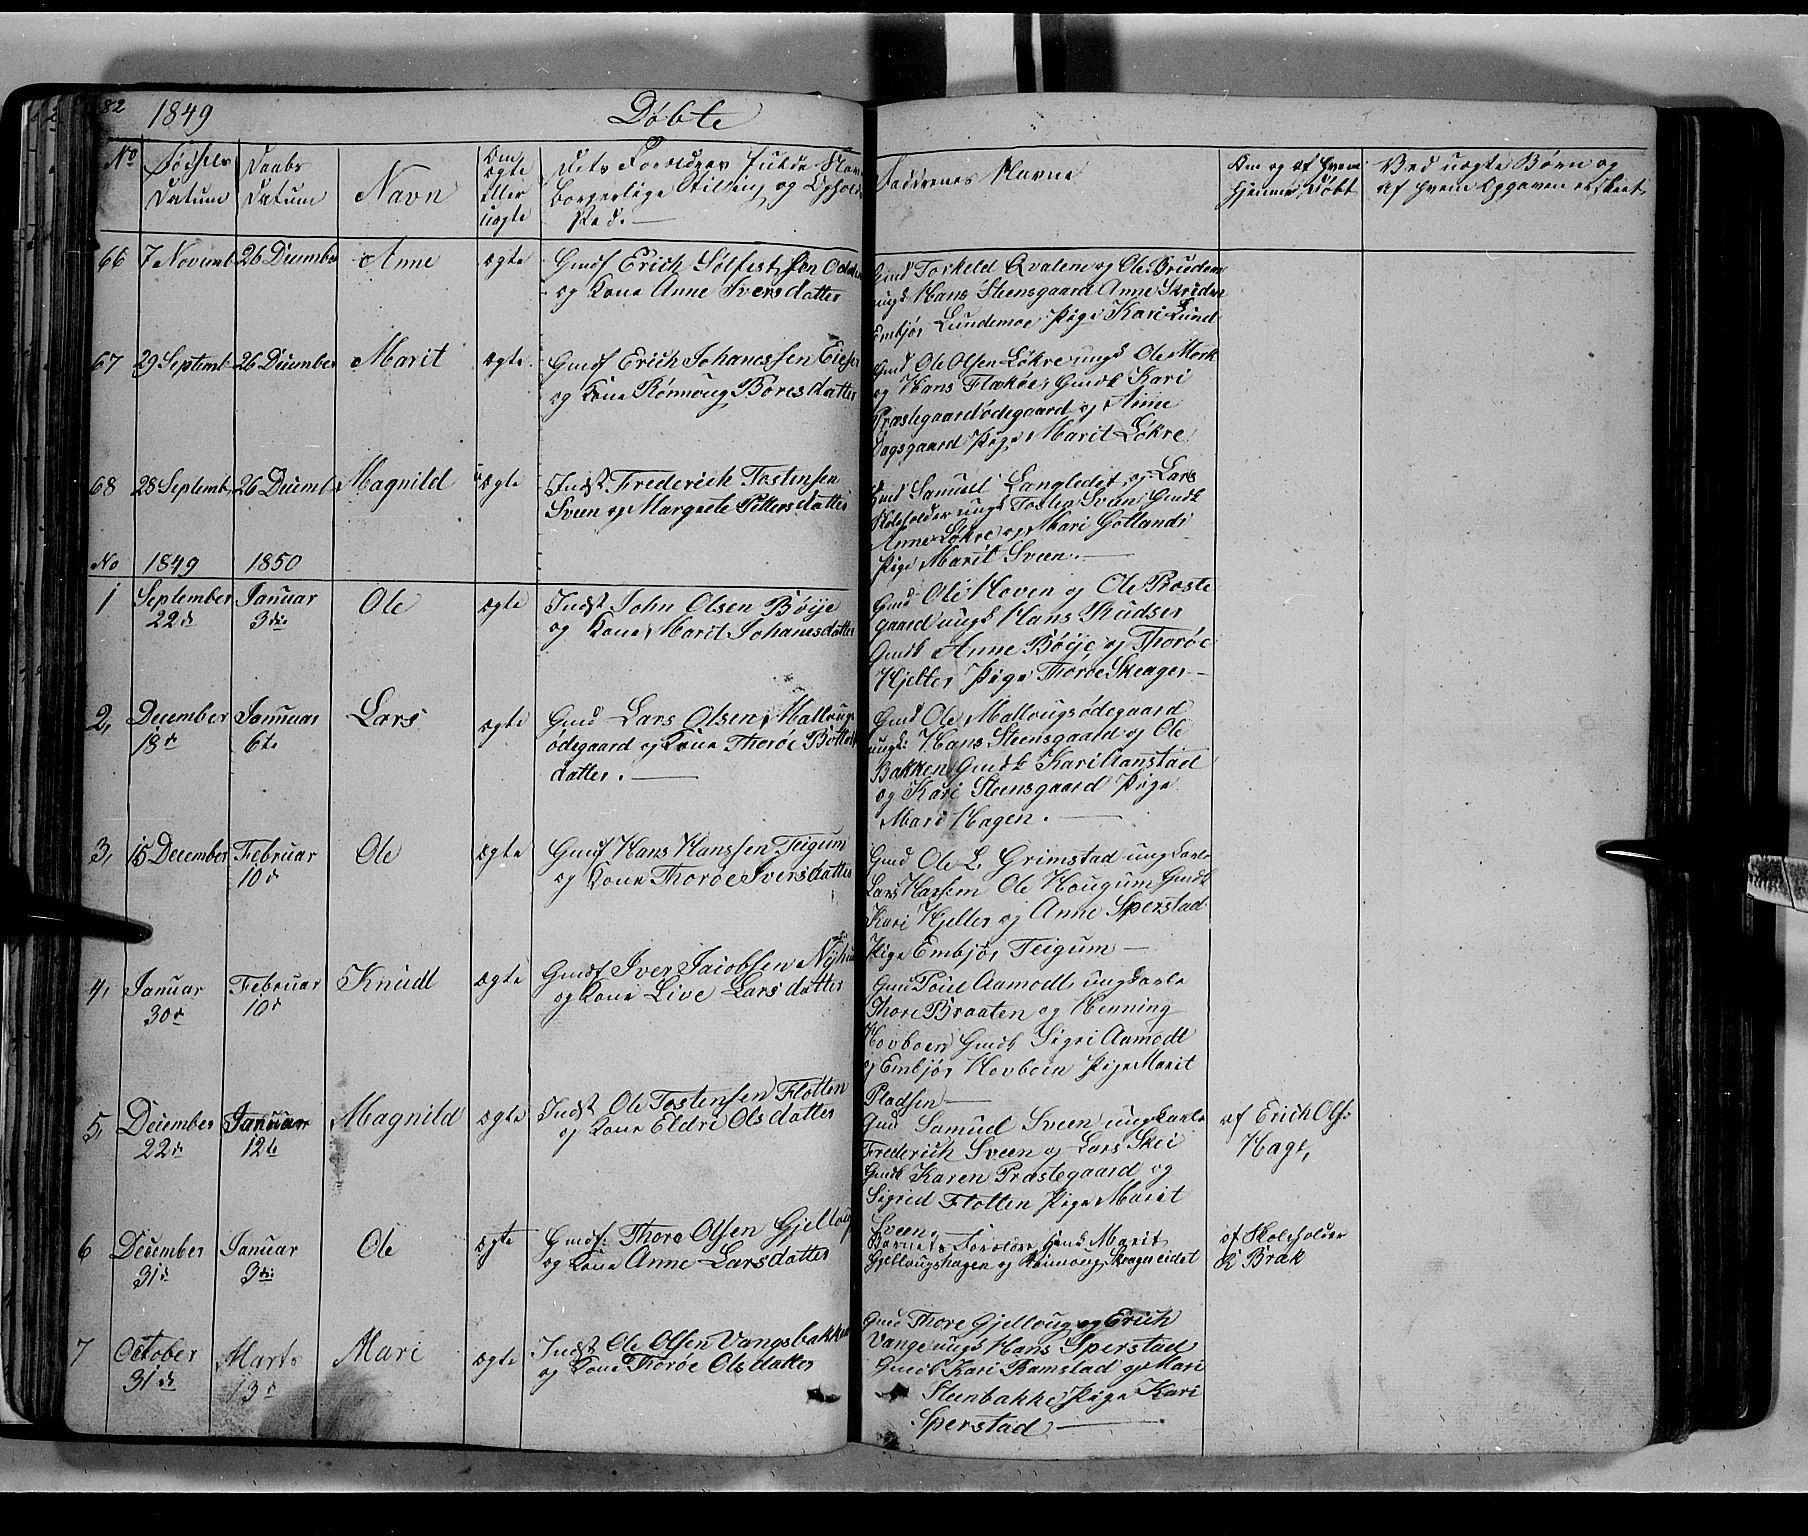 SAH, Lom prestekontor, L/L0004: Klokkerbok nr. 4, 1845-1864, s. 82-83